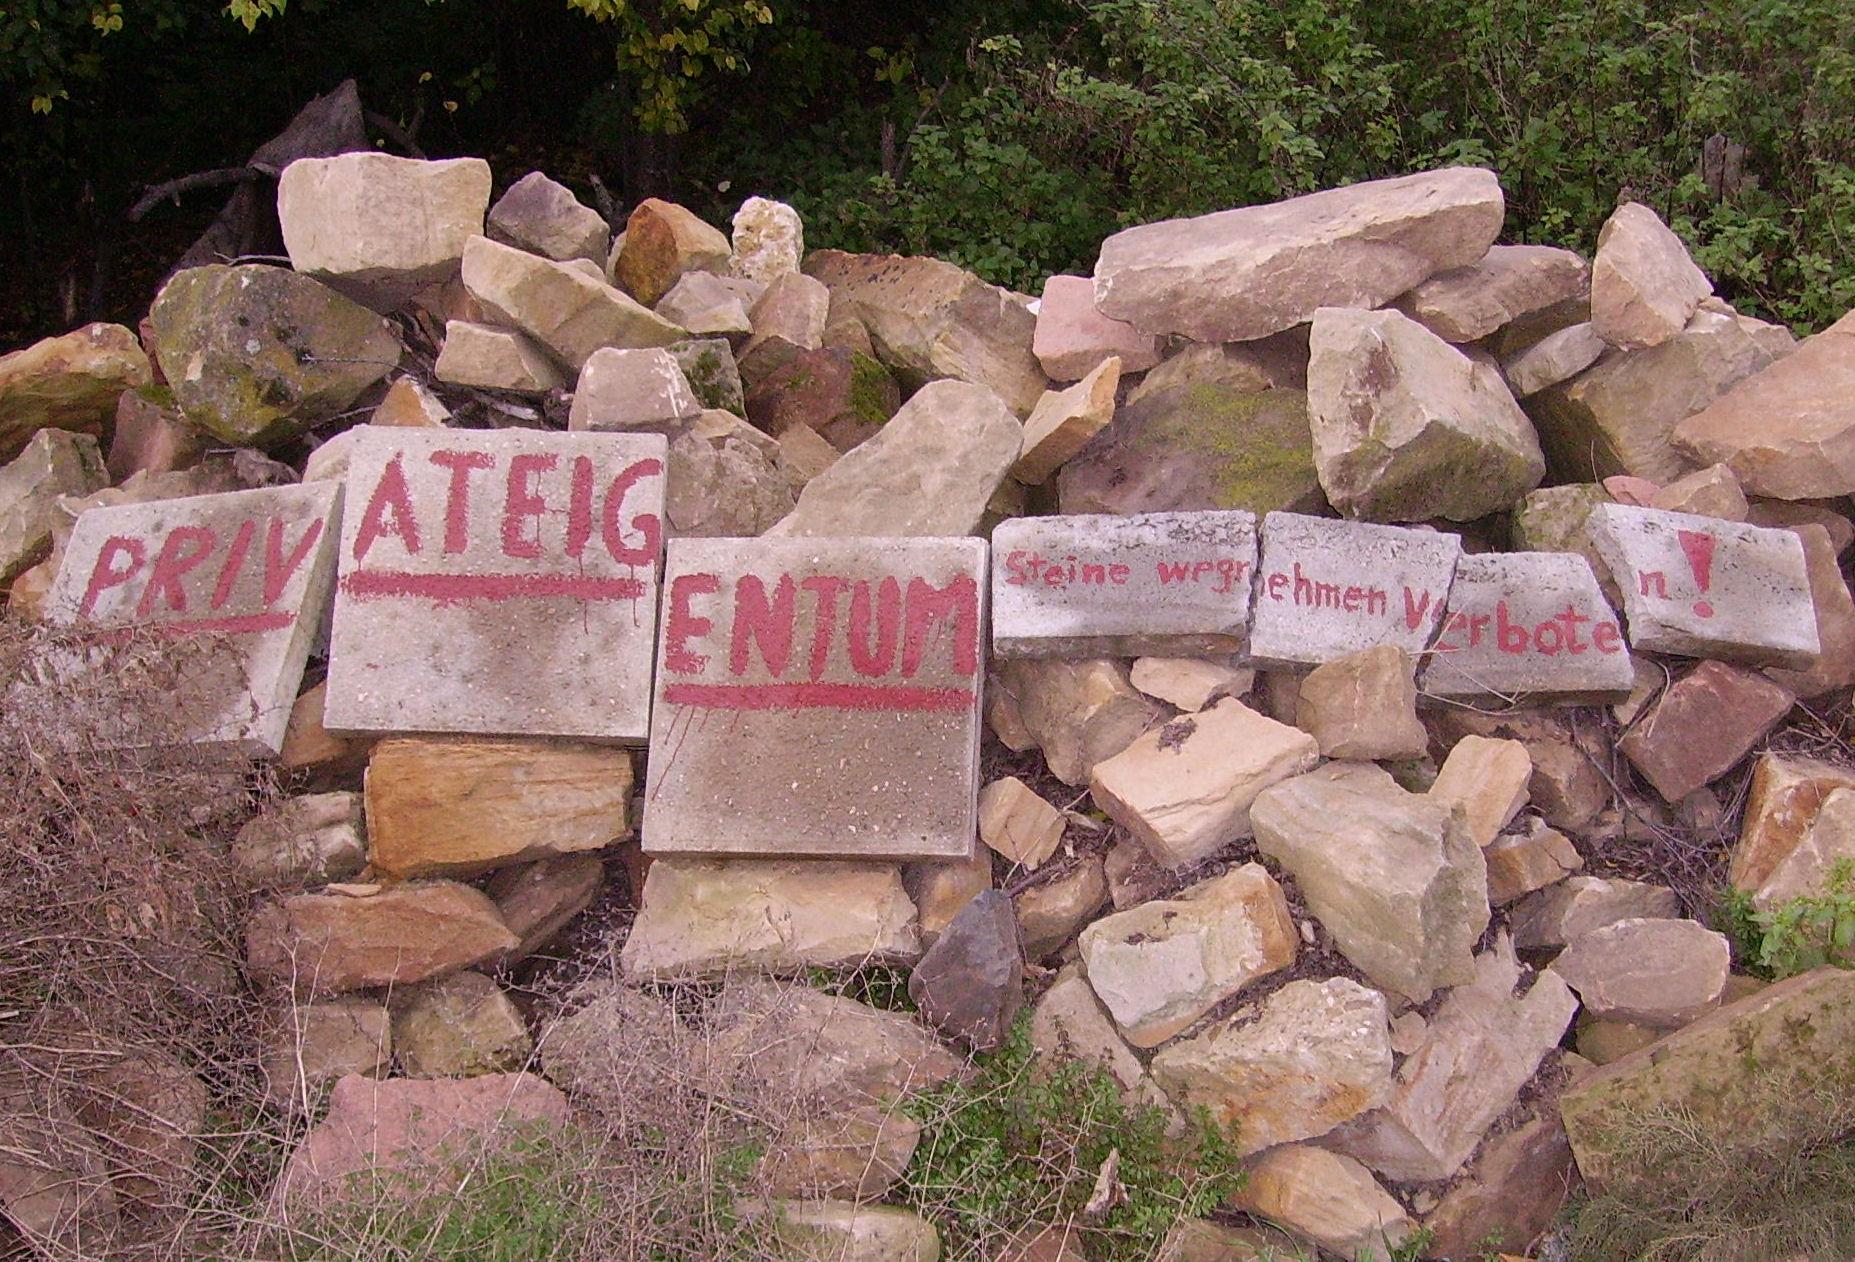 Steinstapel mit Aufschrift Privateigentum - Quelle: WikiCommons, Details siehe Text unten